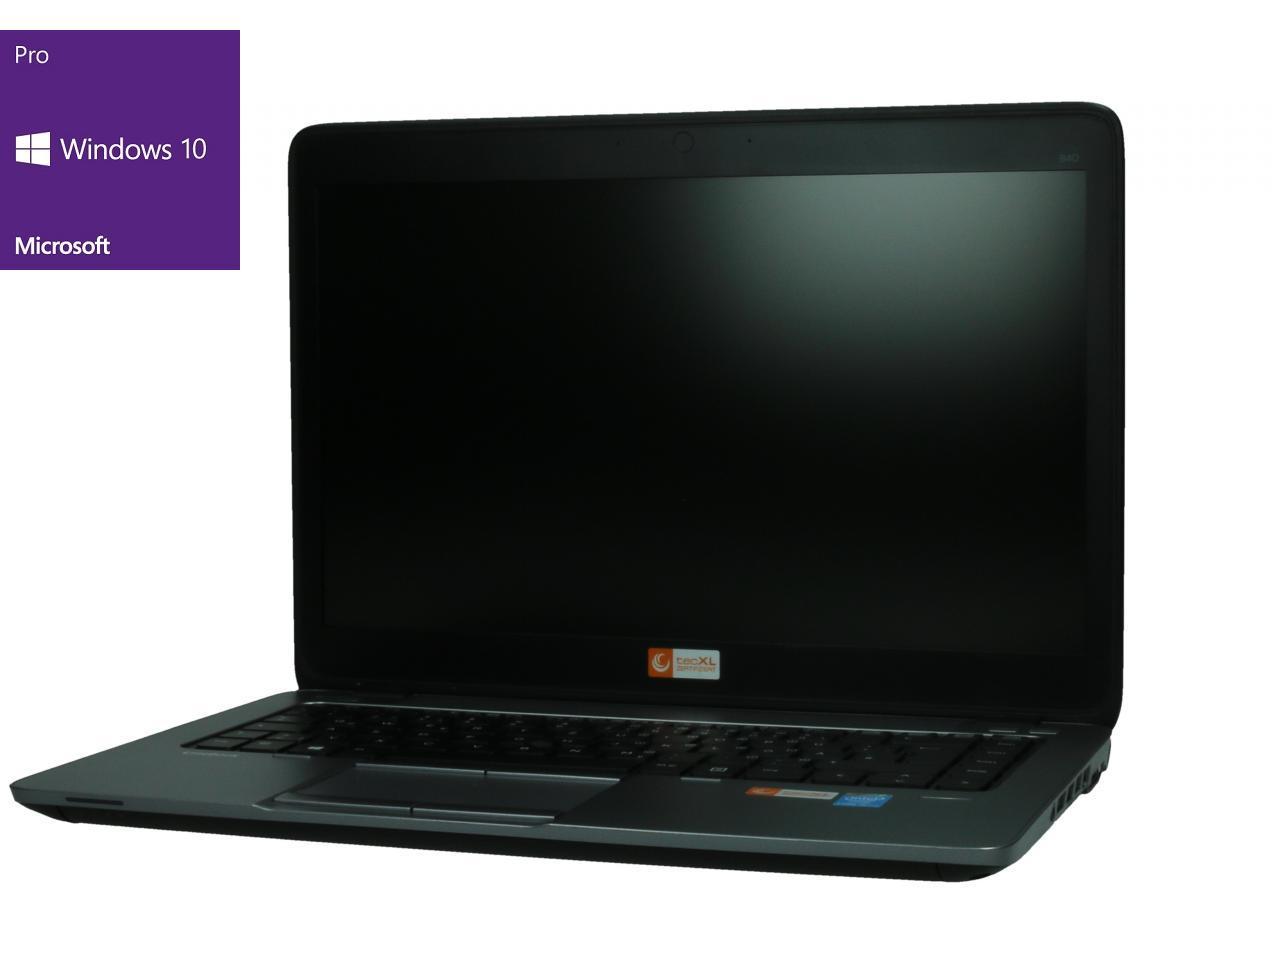 Hewlett Packard EliteBook 840 G1  - shop.bb-net.de